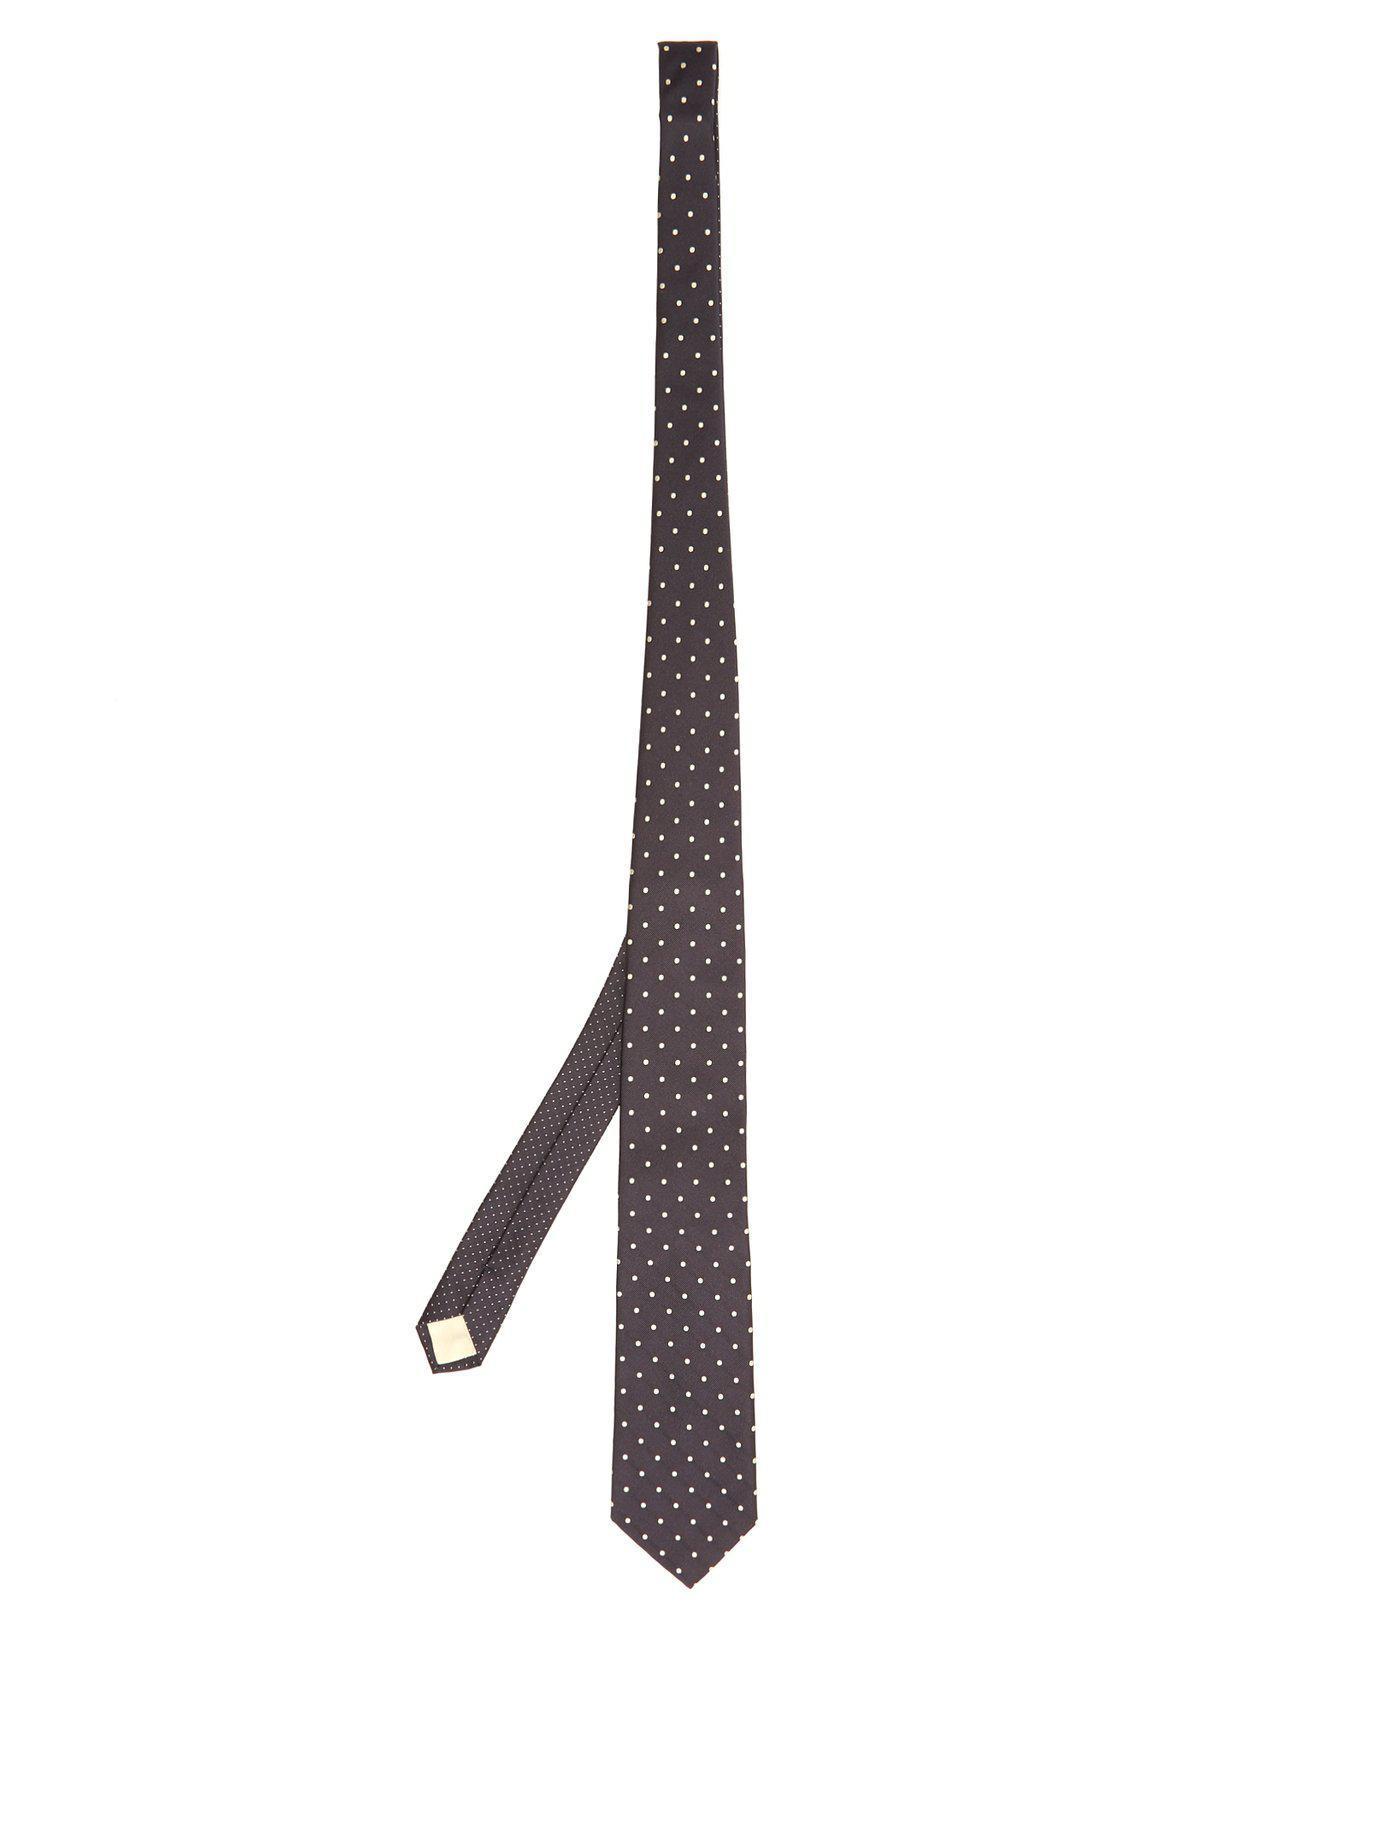 744d39505a14 Lyst - Cravate en satin de soie à logo brodé Prada pour homme - 58 ...